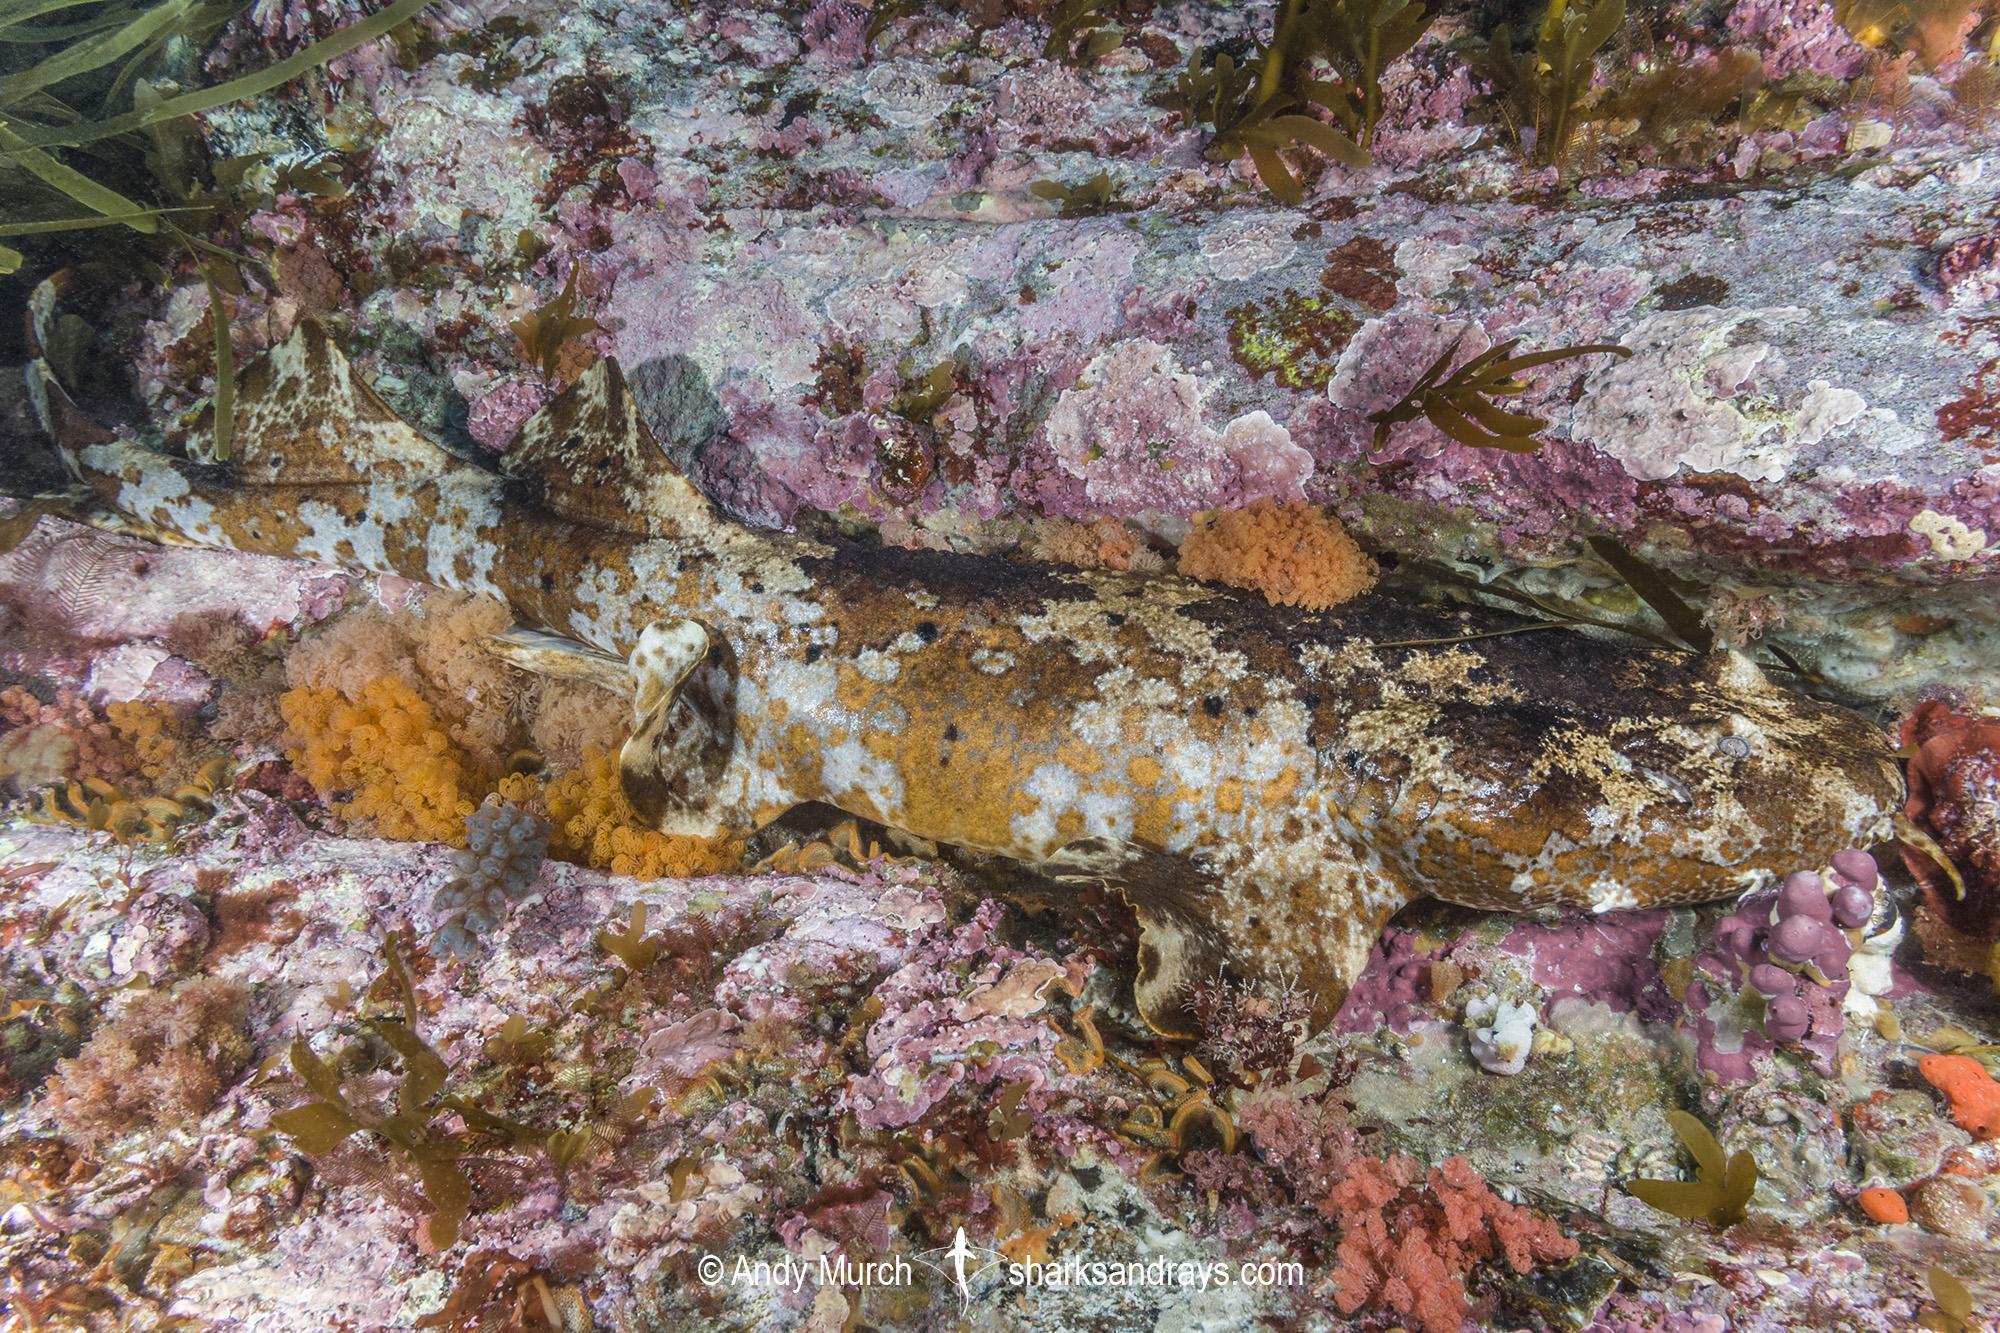 Cobbler Wobbegong